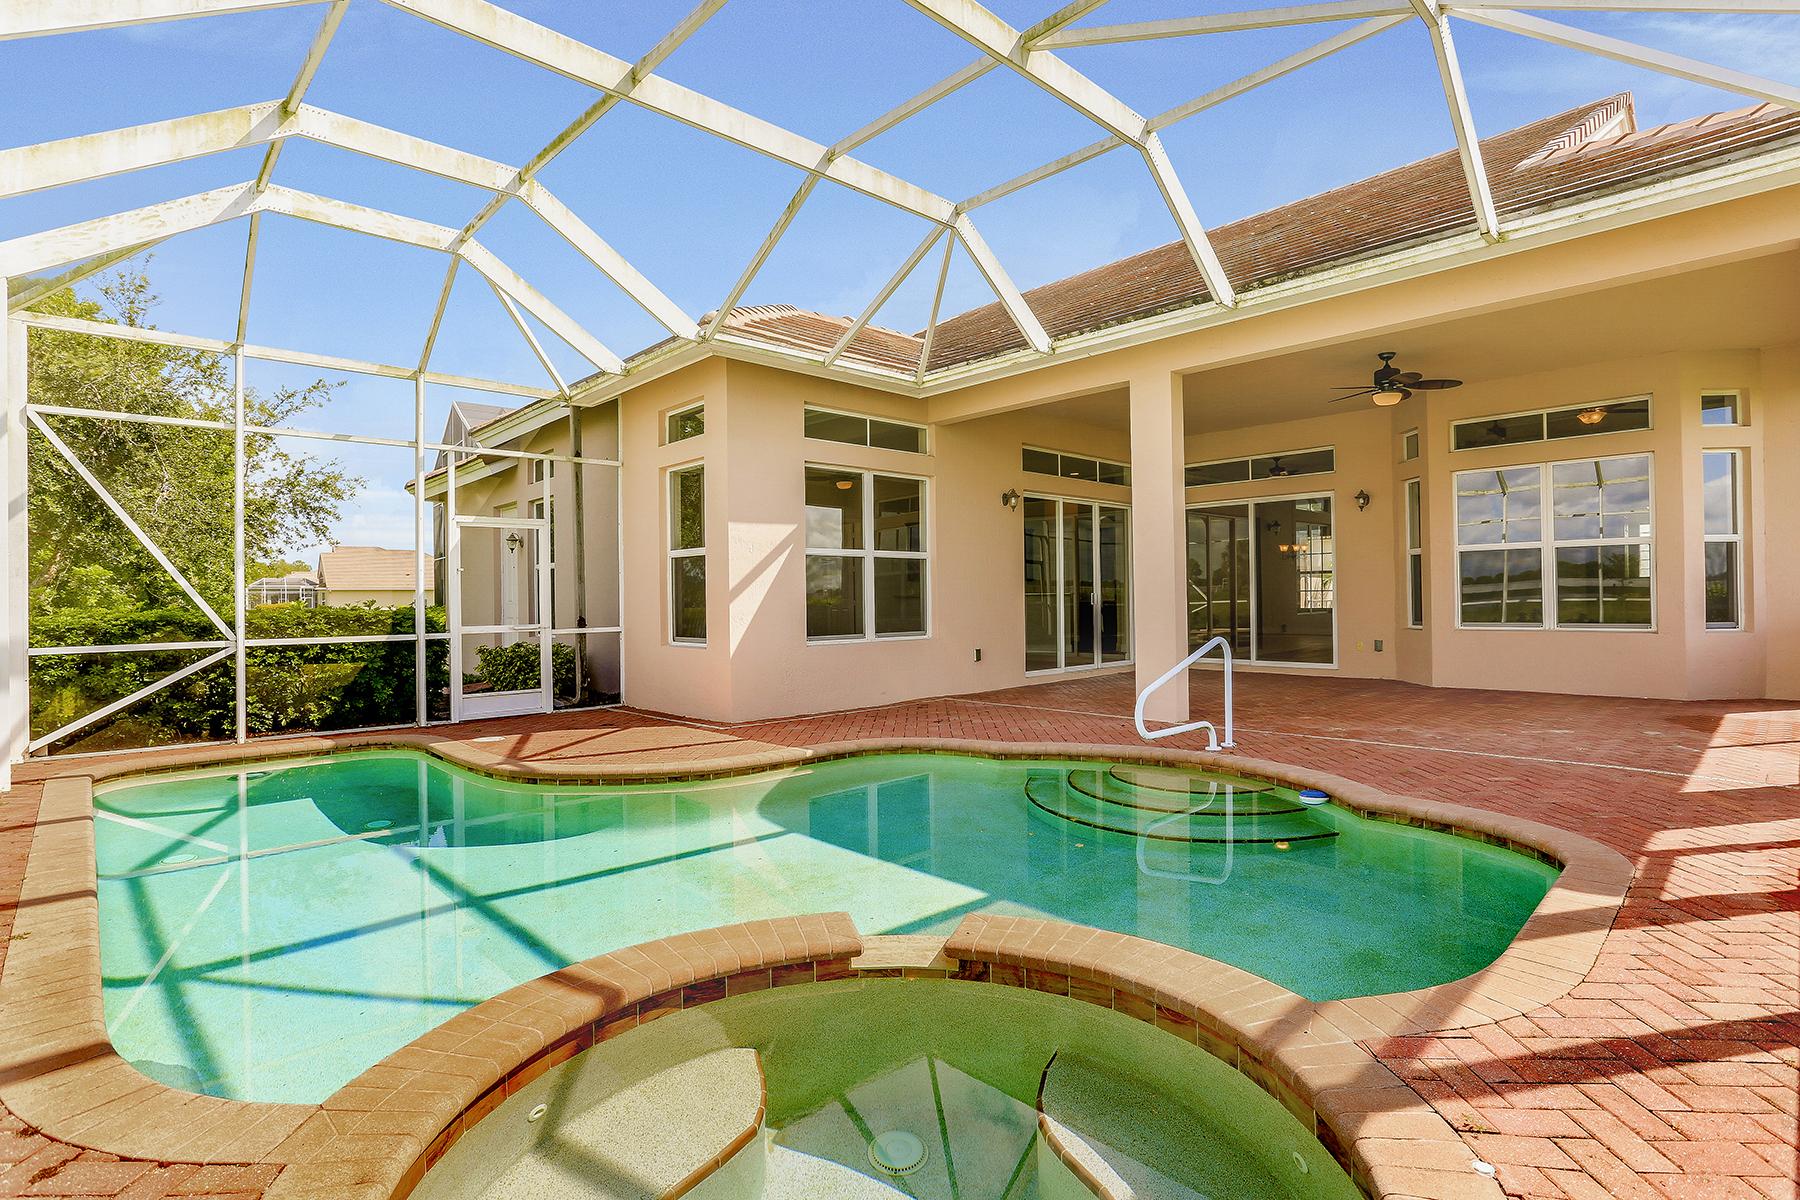 단독 가정 주택 용 매매 에 ALVA 3211 Apple Blossom Dr Alva, 플로리다, 33920 미국